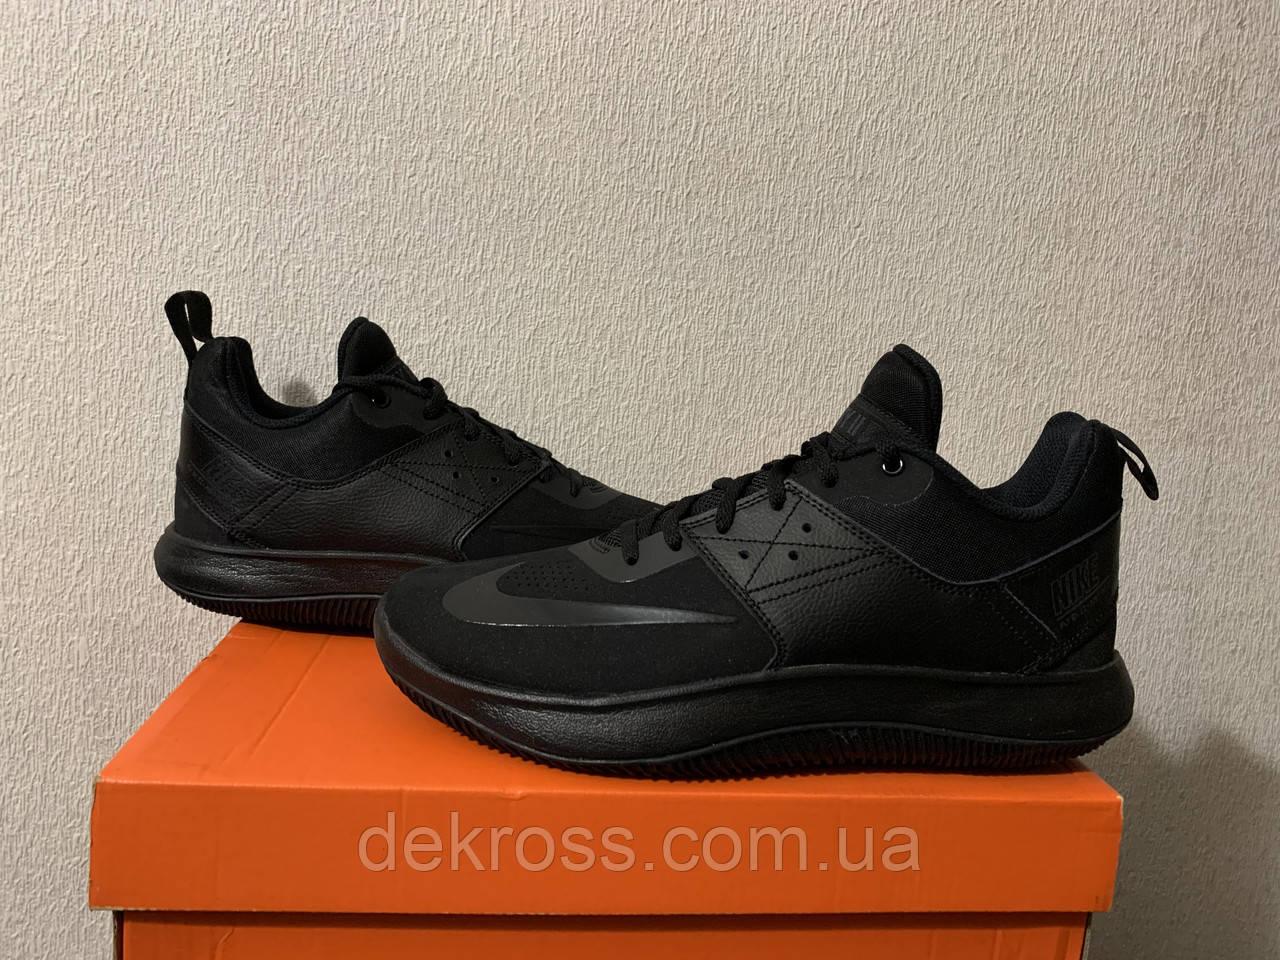 Кроссовки Nike Fly.By Low II NBK (42-43) Оригинал AV2086-001